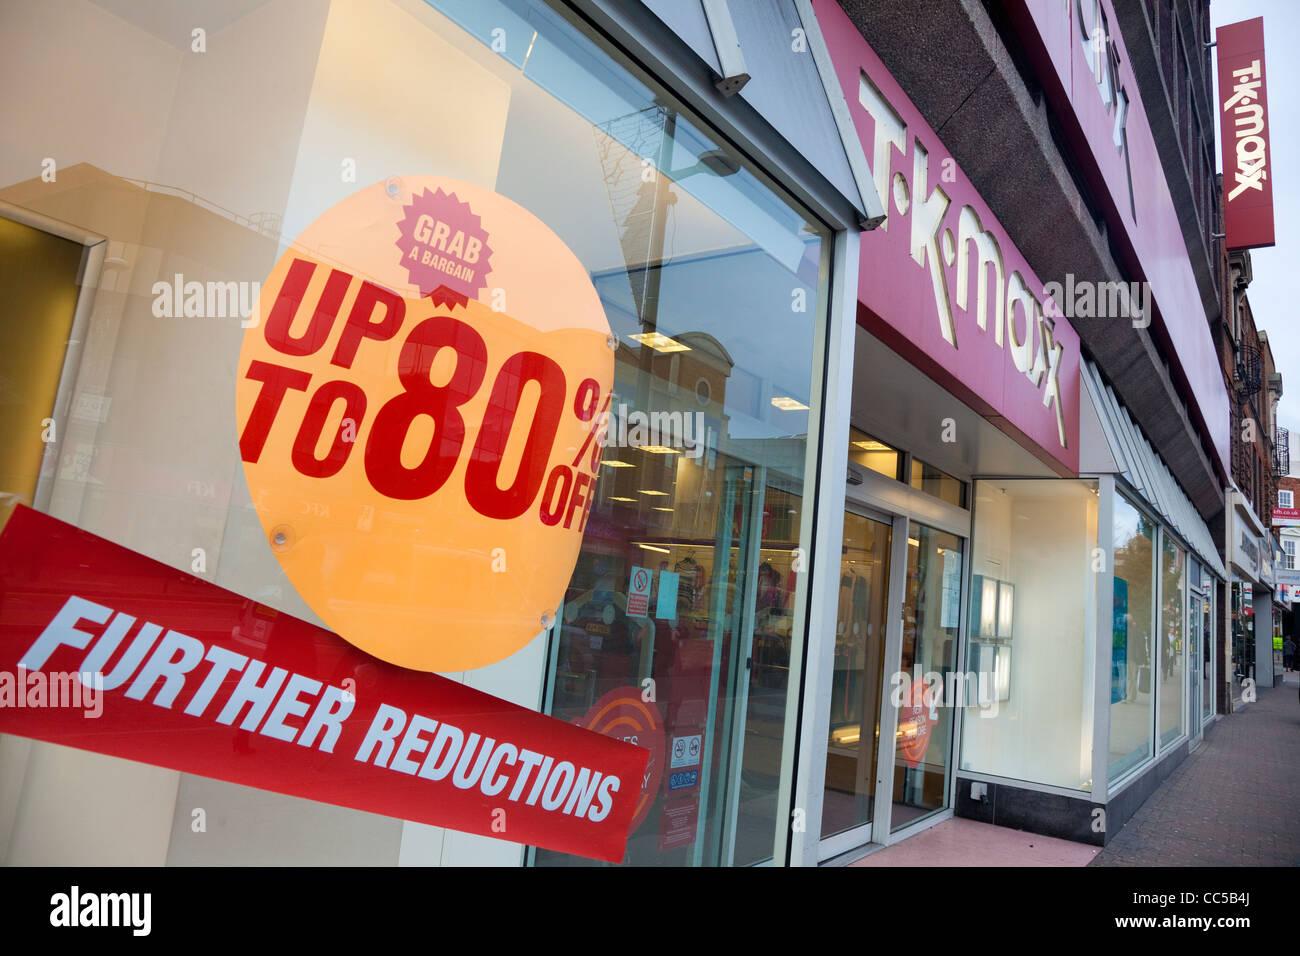 verkauf bei tk maxx mode shop, bromley high street, bromley